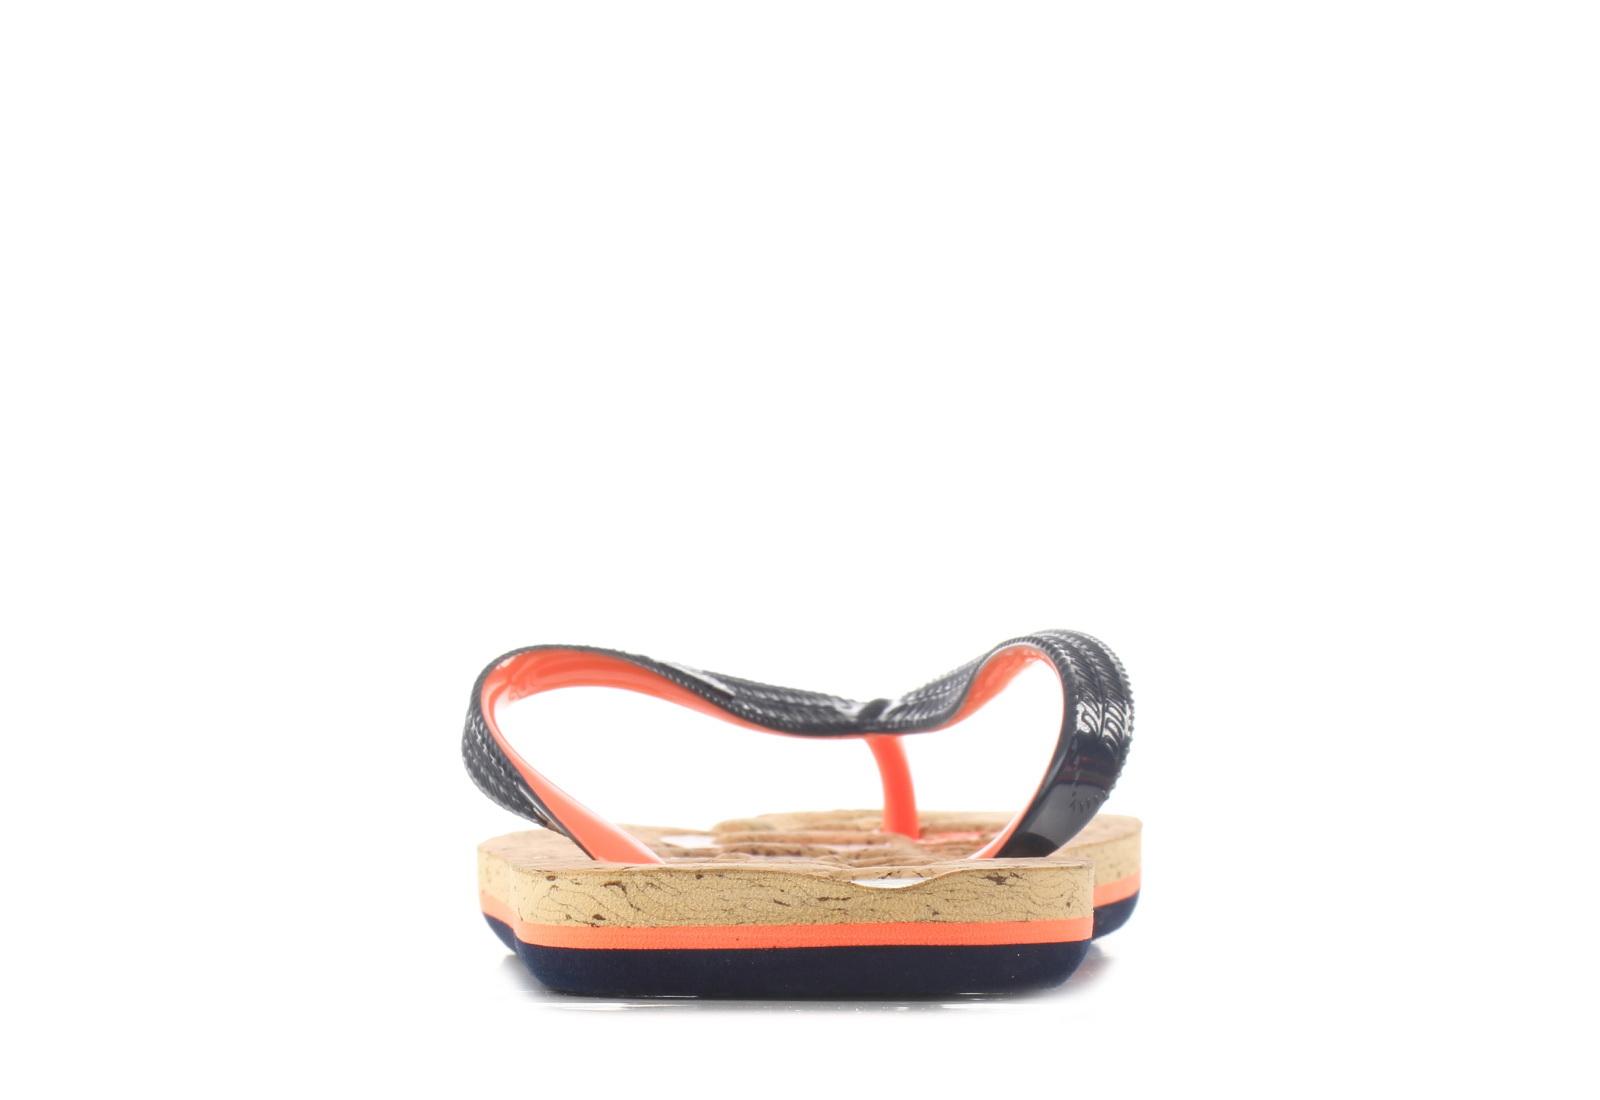 e283e35067d8 Superdry Papucs - Glitter Cork Flip Flop - GF3101ET-MY5 - Office ...